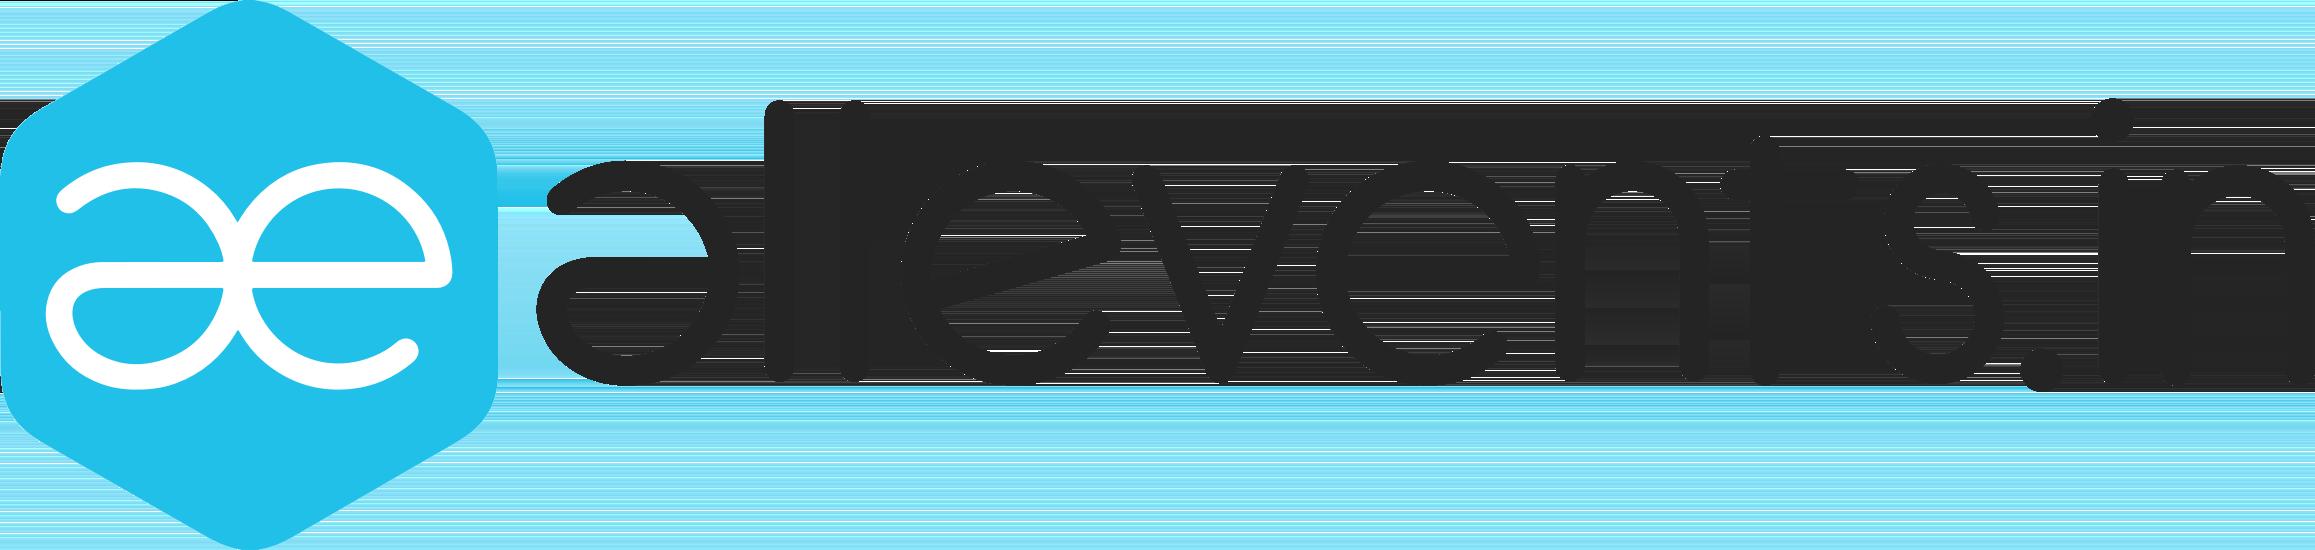 Ae logo 1